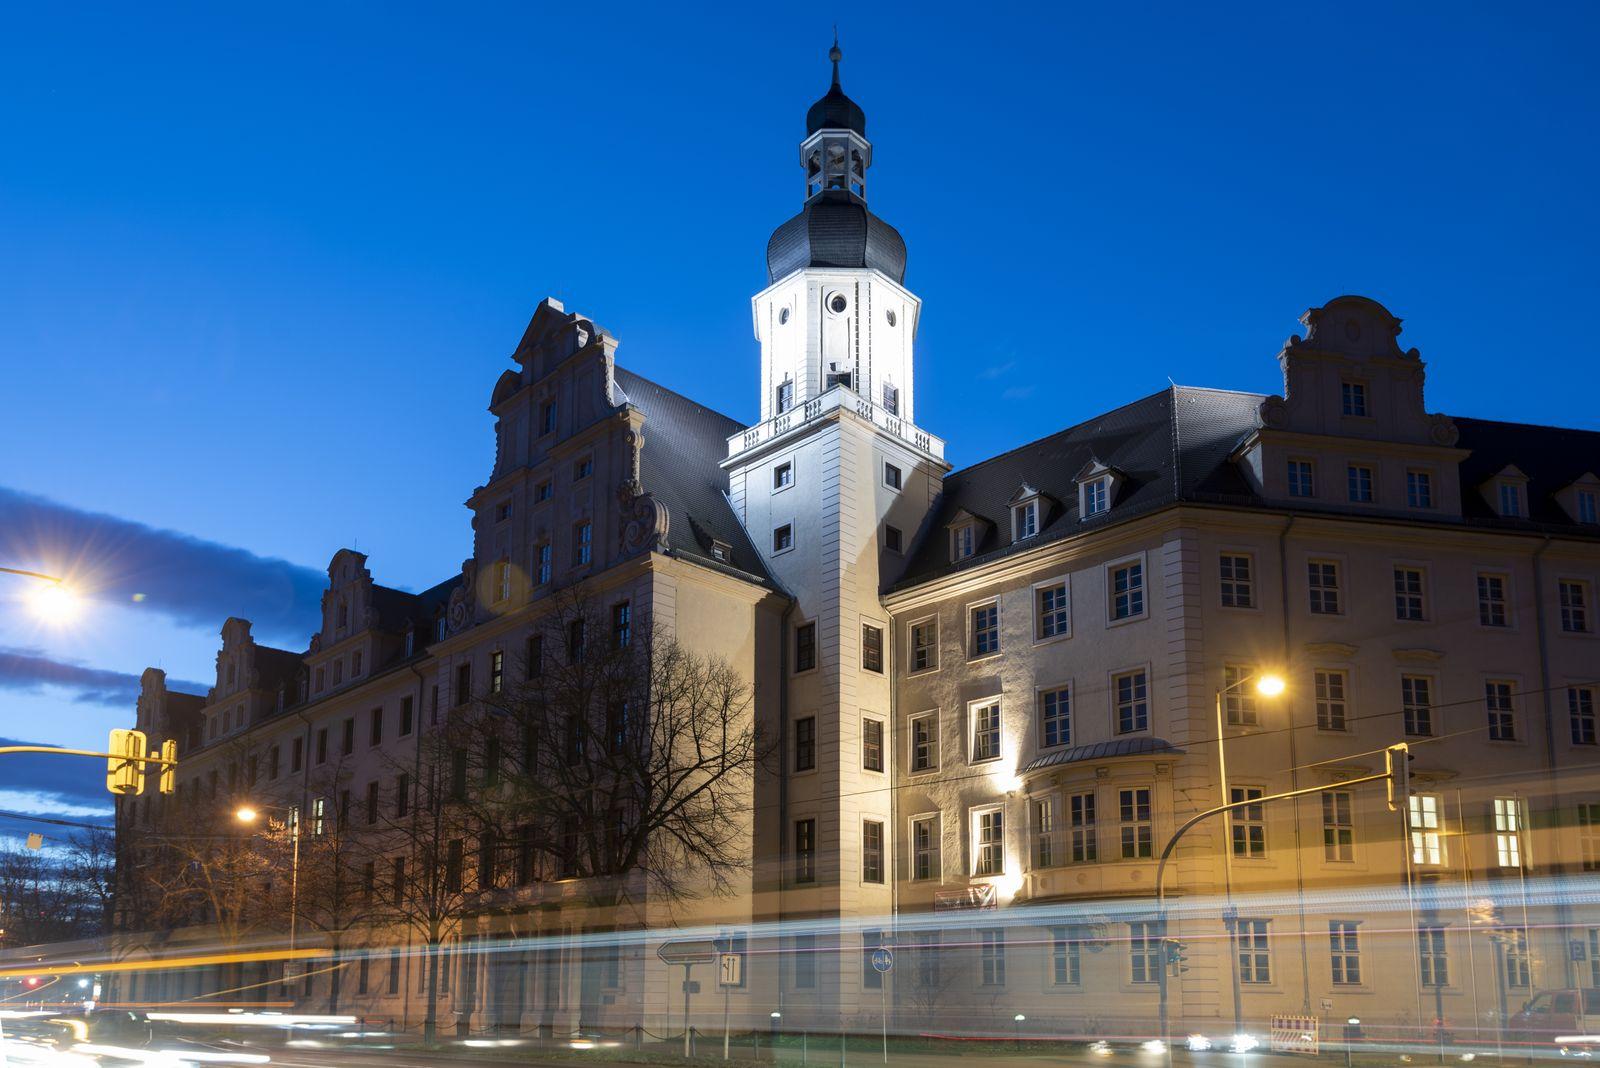 Ministerium des Inneren des Landes Sachsen-Anhalt